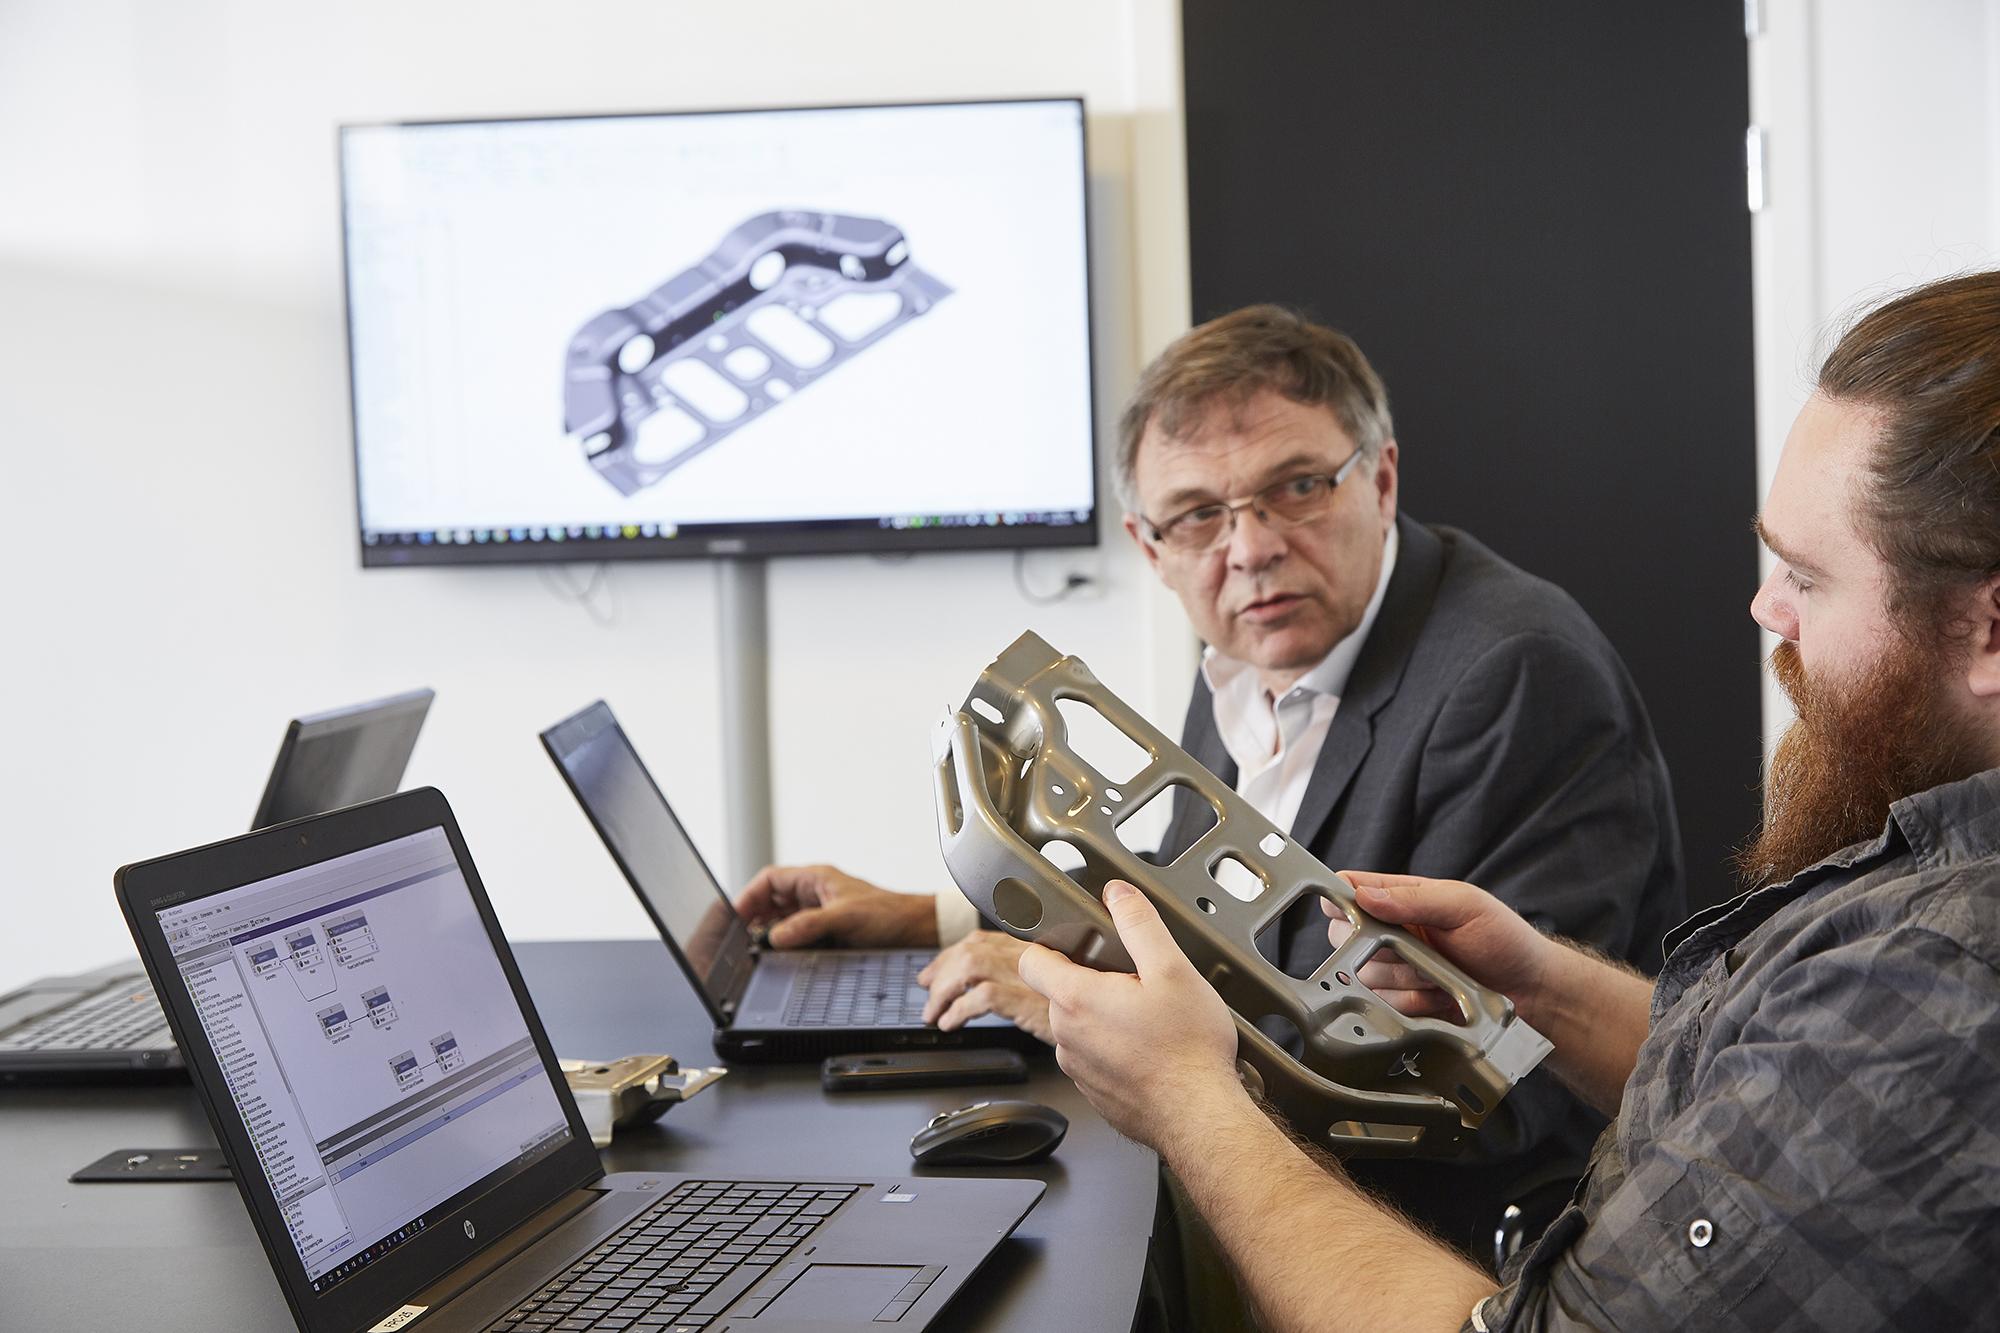 FRECON ser et stort potentiale i stålstøbte komponenter